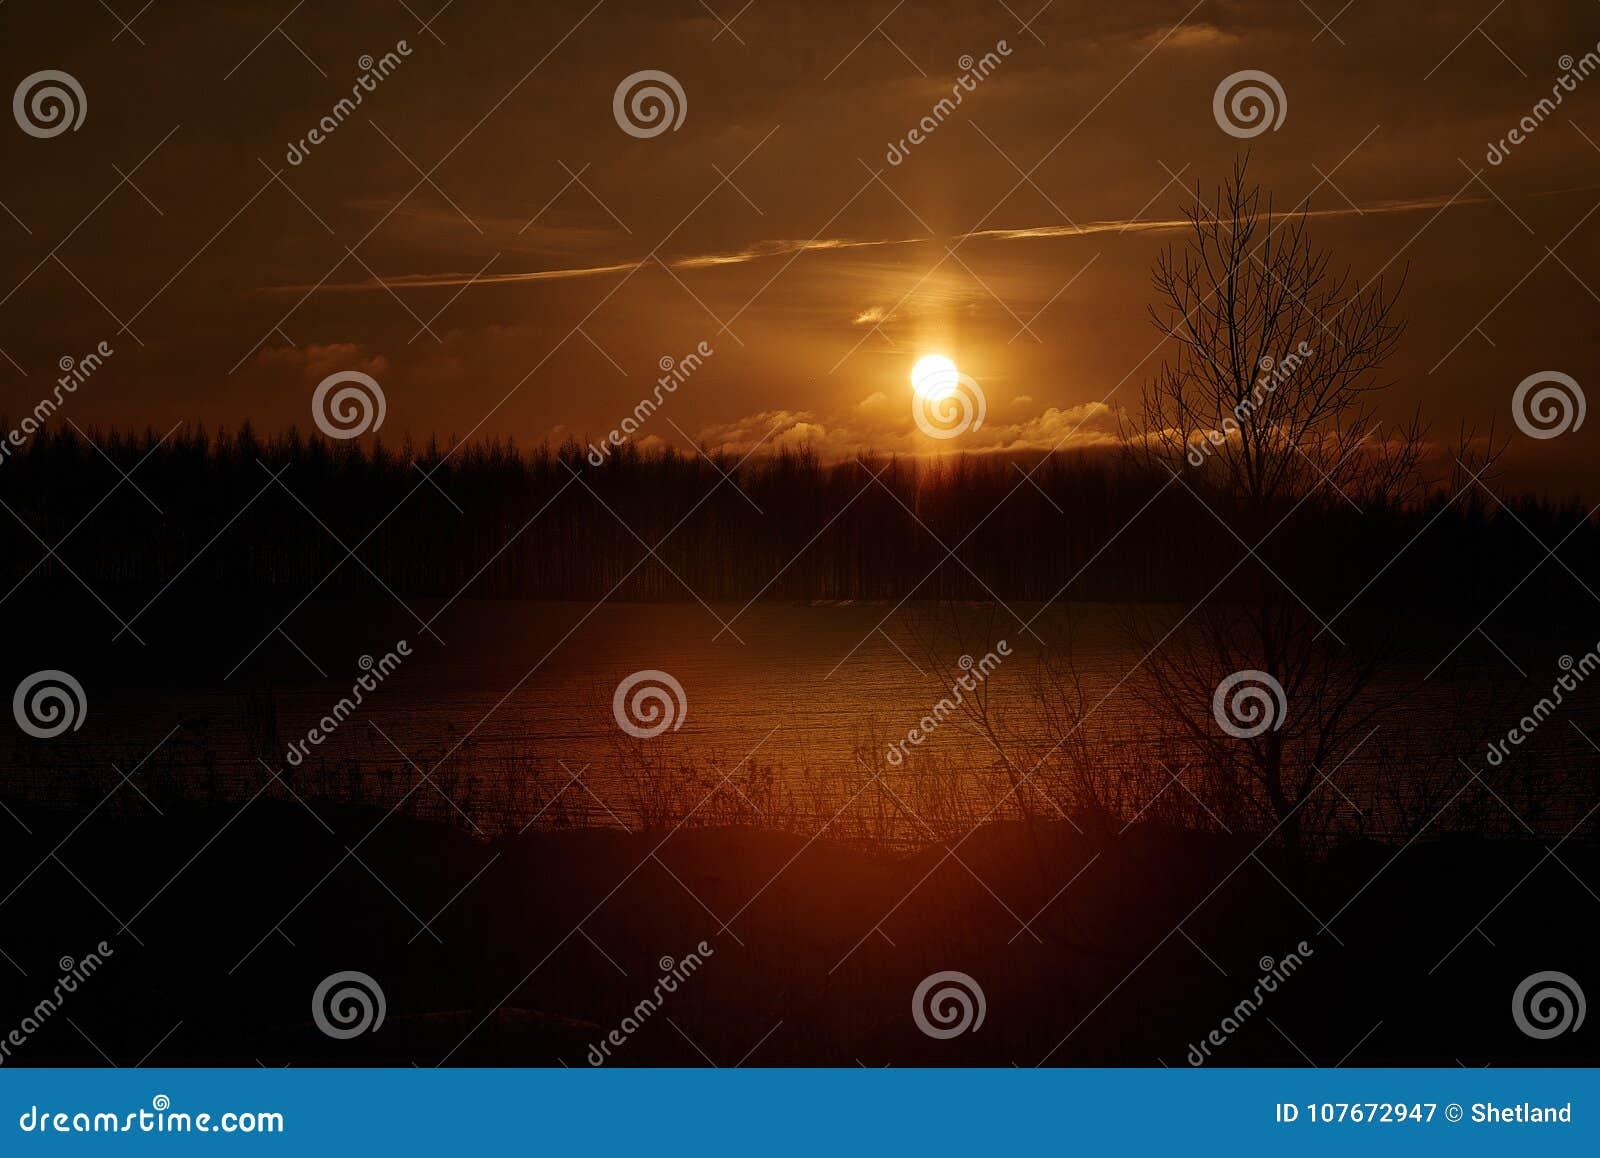 Brouillard, soirée, aube, arbre, silhouette, rivière, nuit, lumière, crépuscule